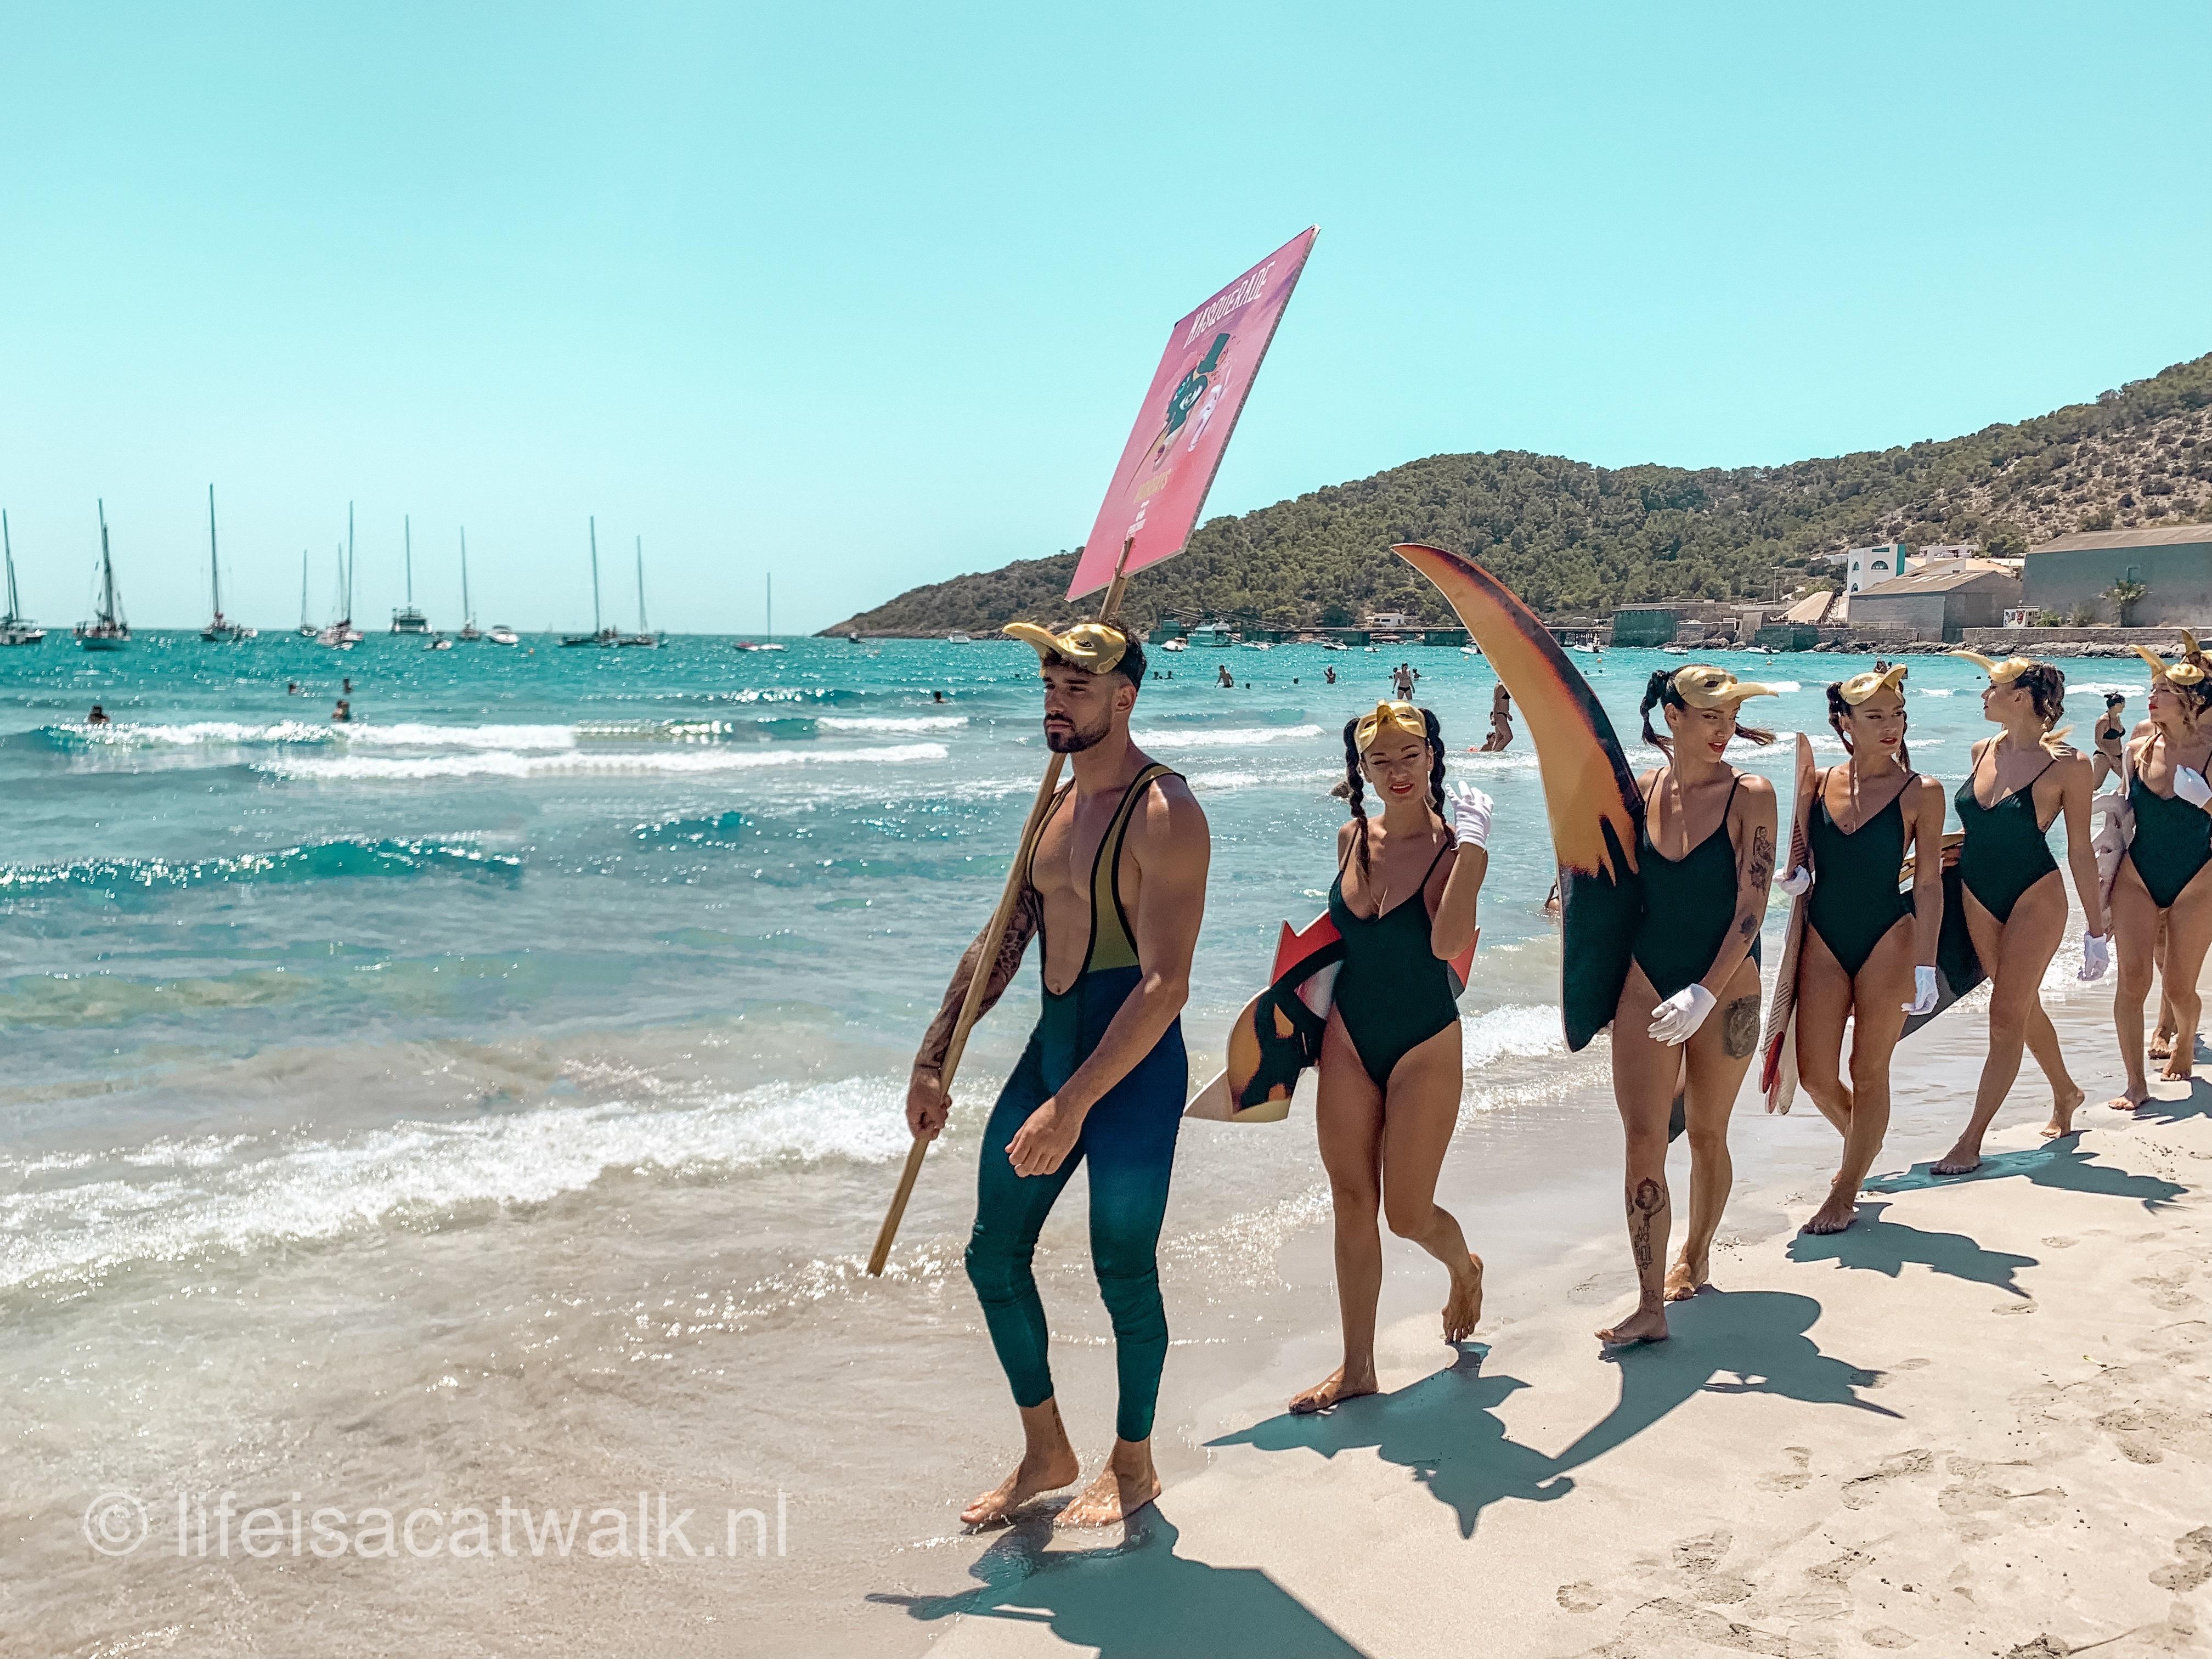 Pacha girls on the Salinas Beach Ibiza